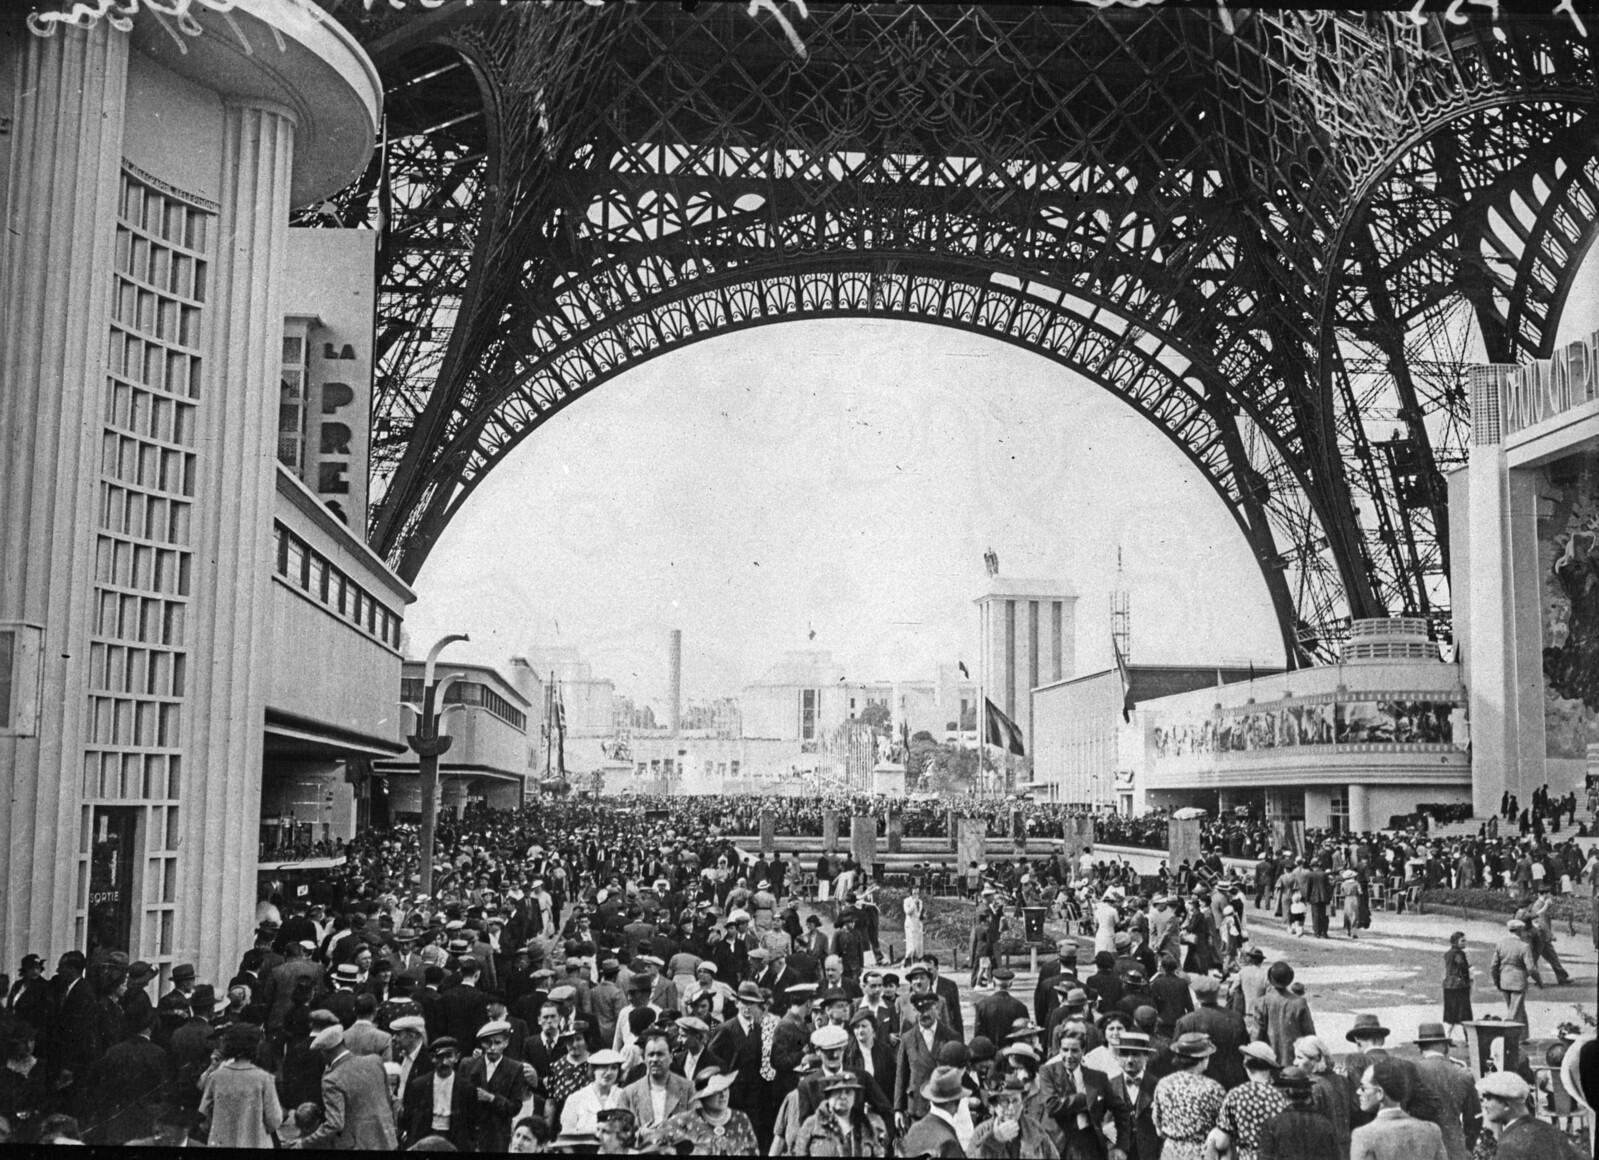 09. 1937. Толпа посетителей под Эйфелевой башней в день открытия Выставки